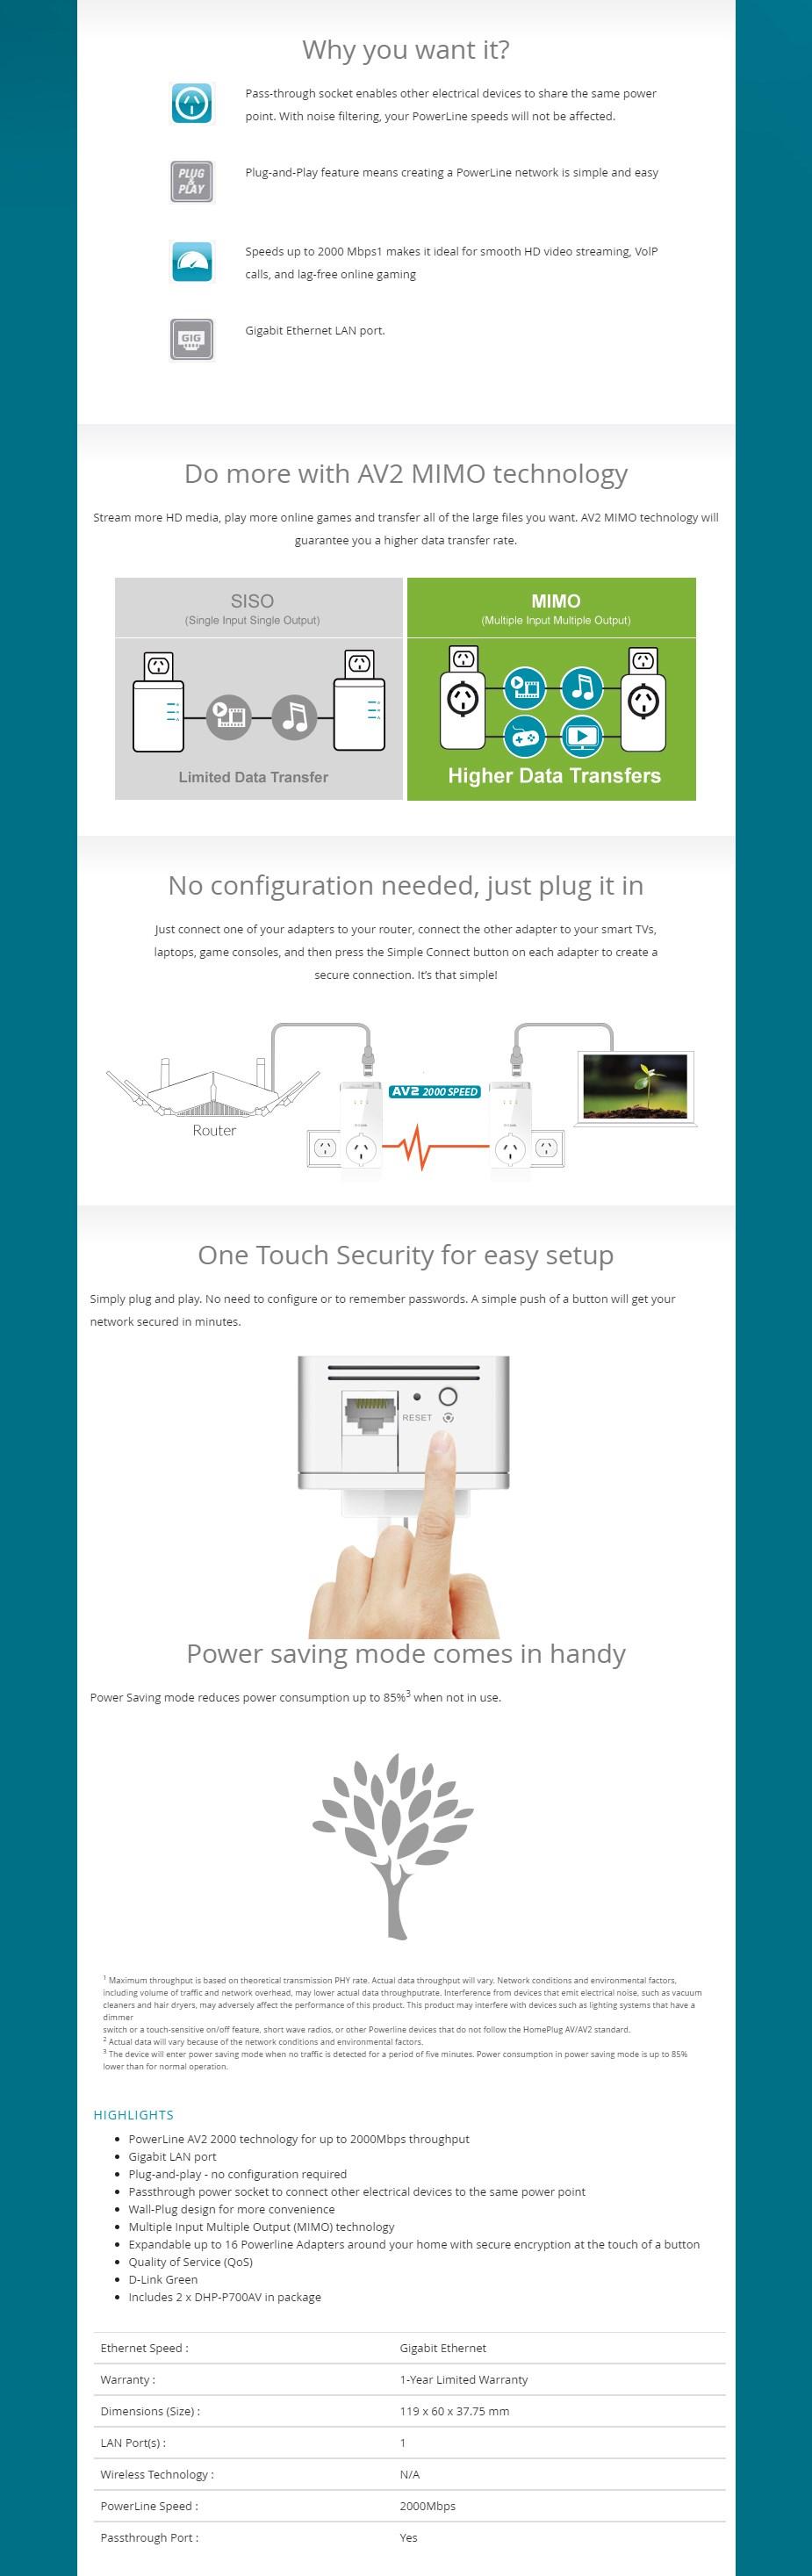 dlink-dhpp701av-powerline-av2-2000-gigabit-passthrough-kit-ac26891-1.jpg